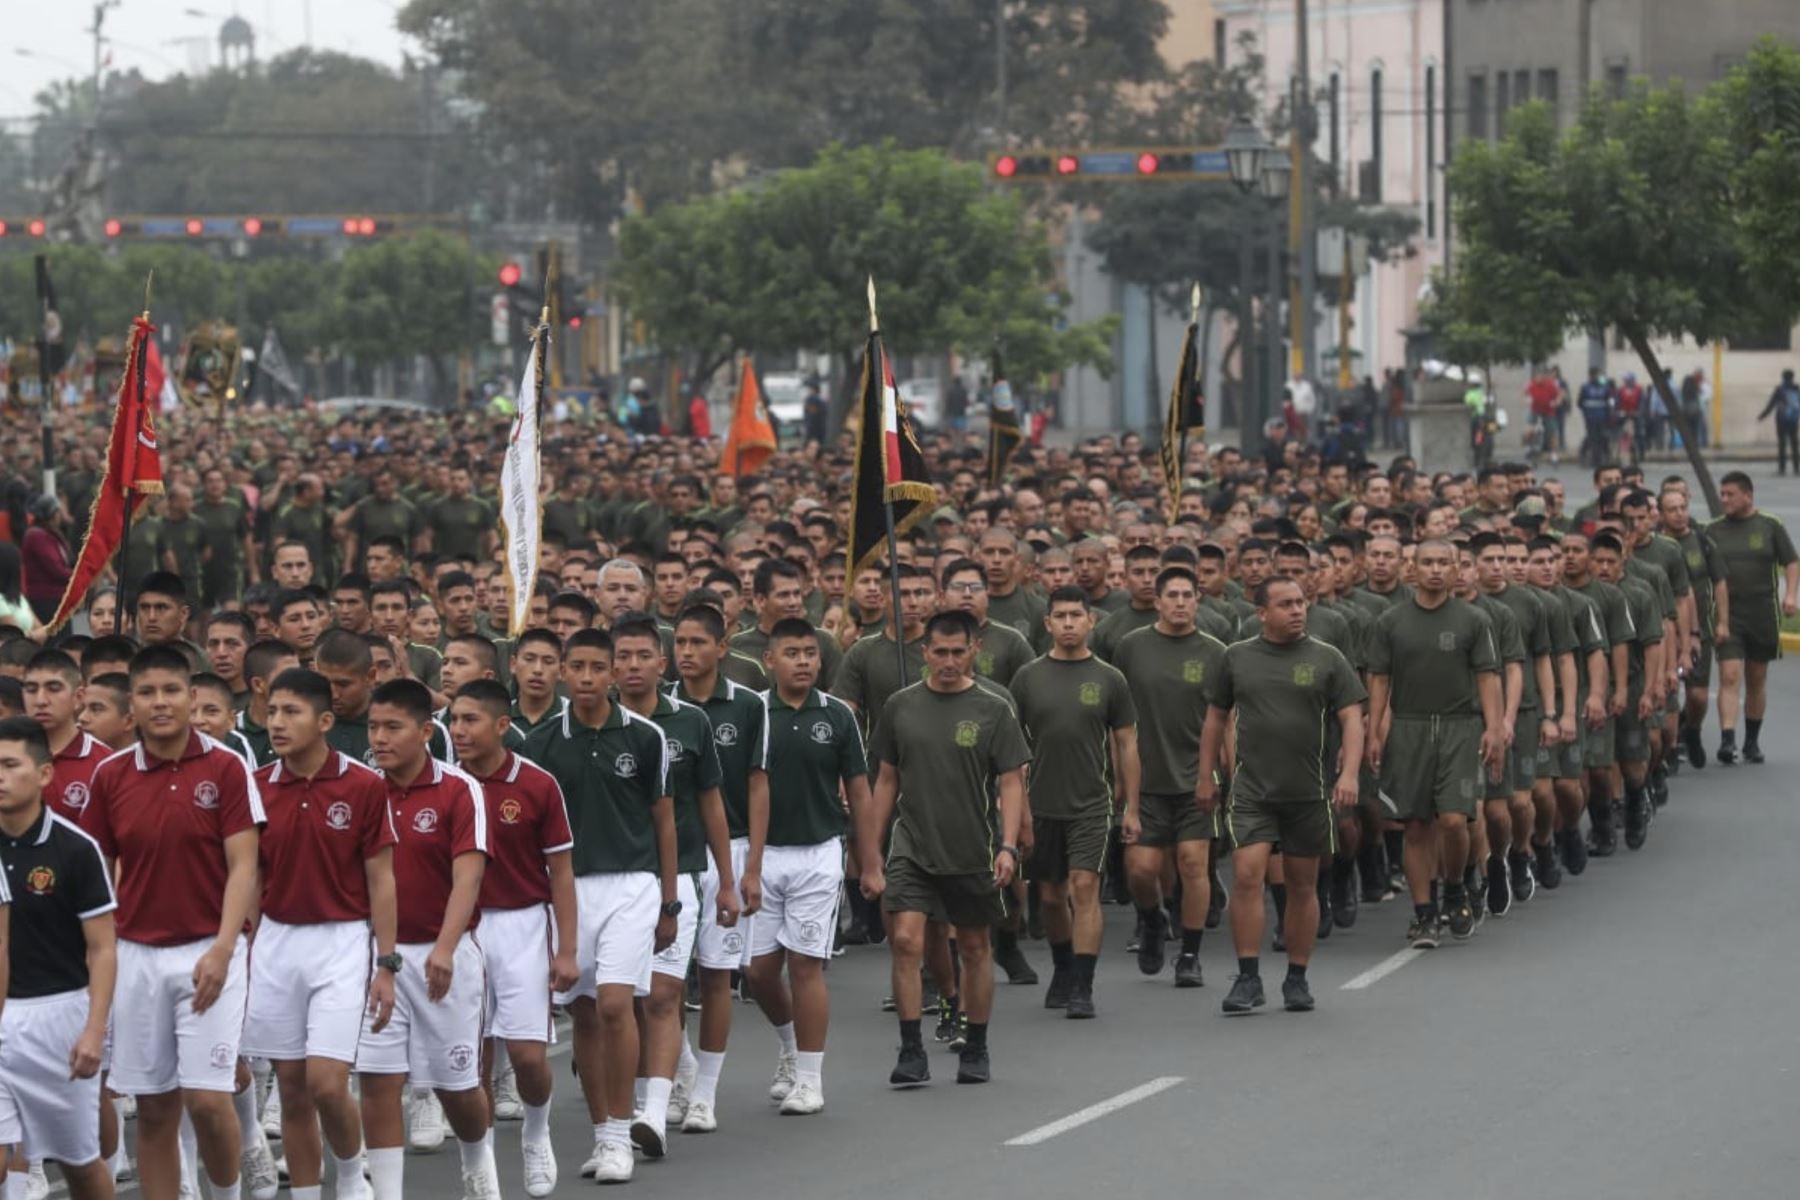 Presidente Martin Vizcarra   y ministro de Defensa inician caminata previa a la Carrera Cívico Militar por el Paseo Colón, Plaza Grau y Paseo de los Héroes Navales. Foto: ANDINA/Mindef